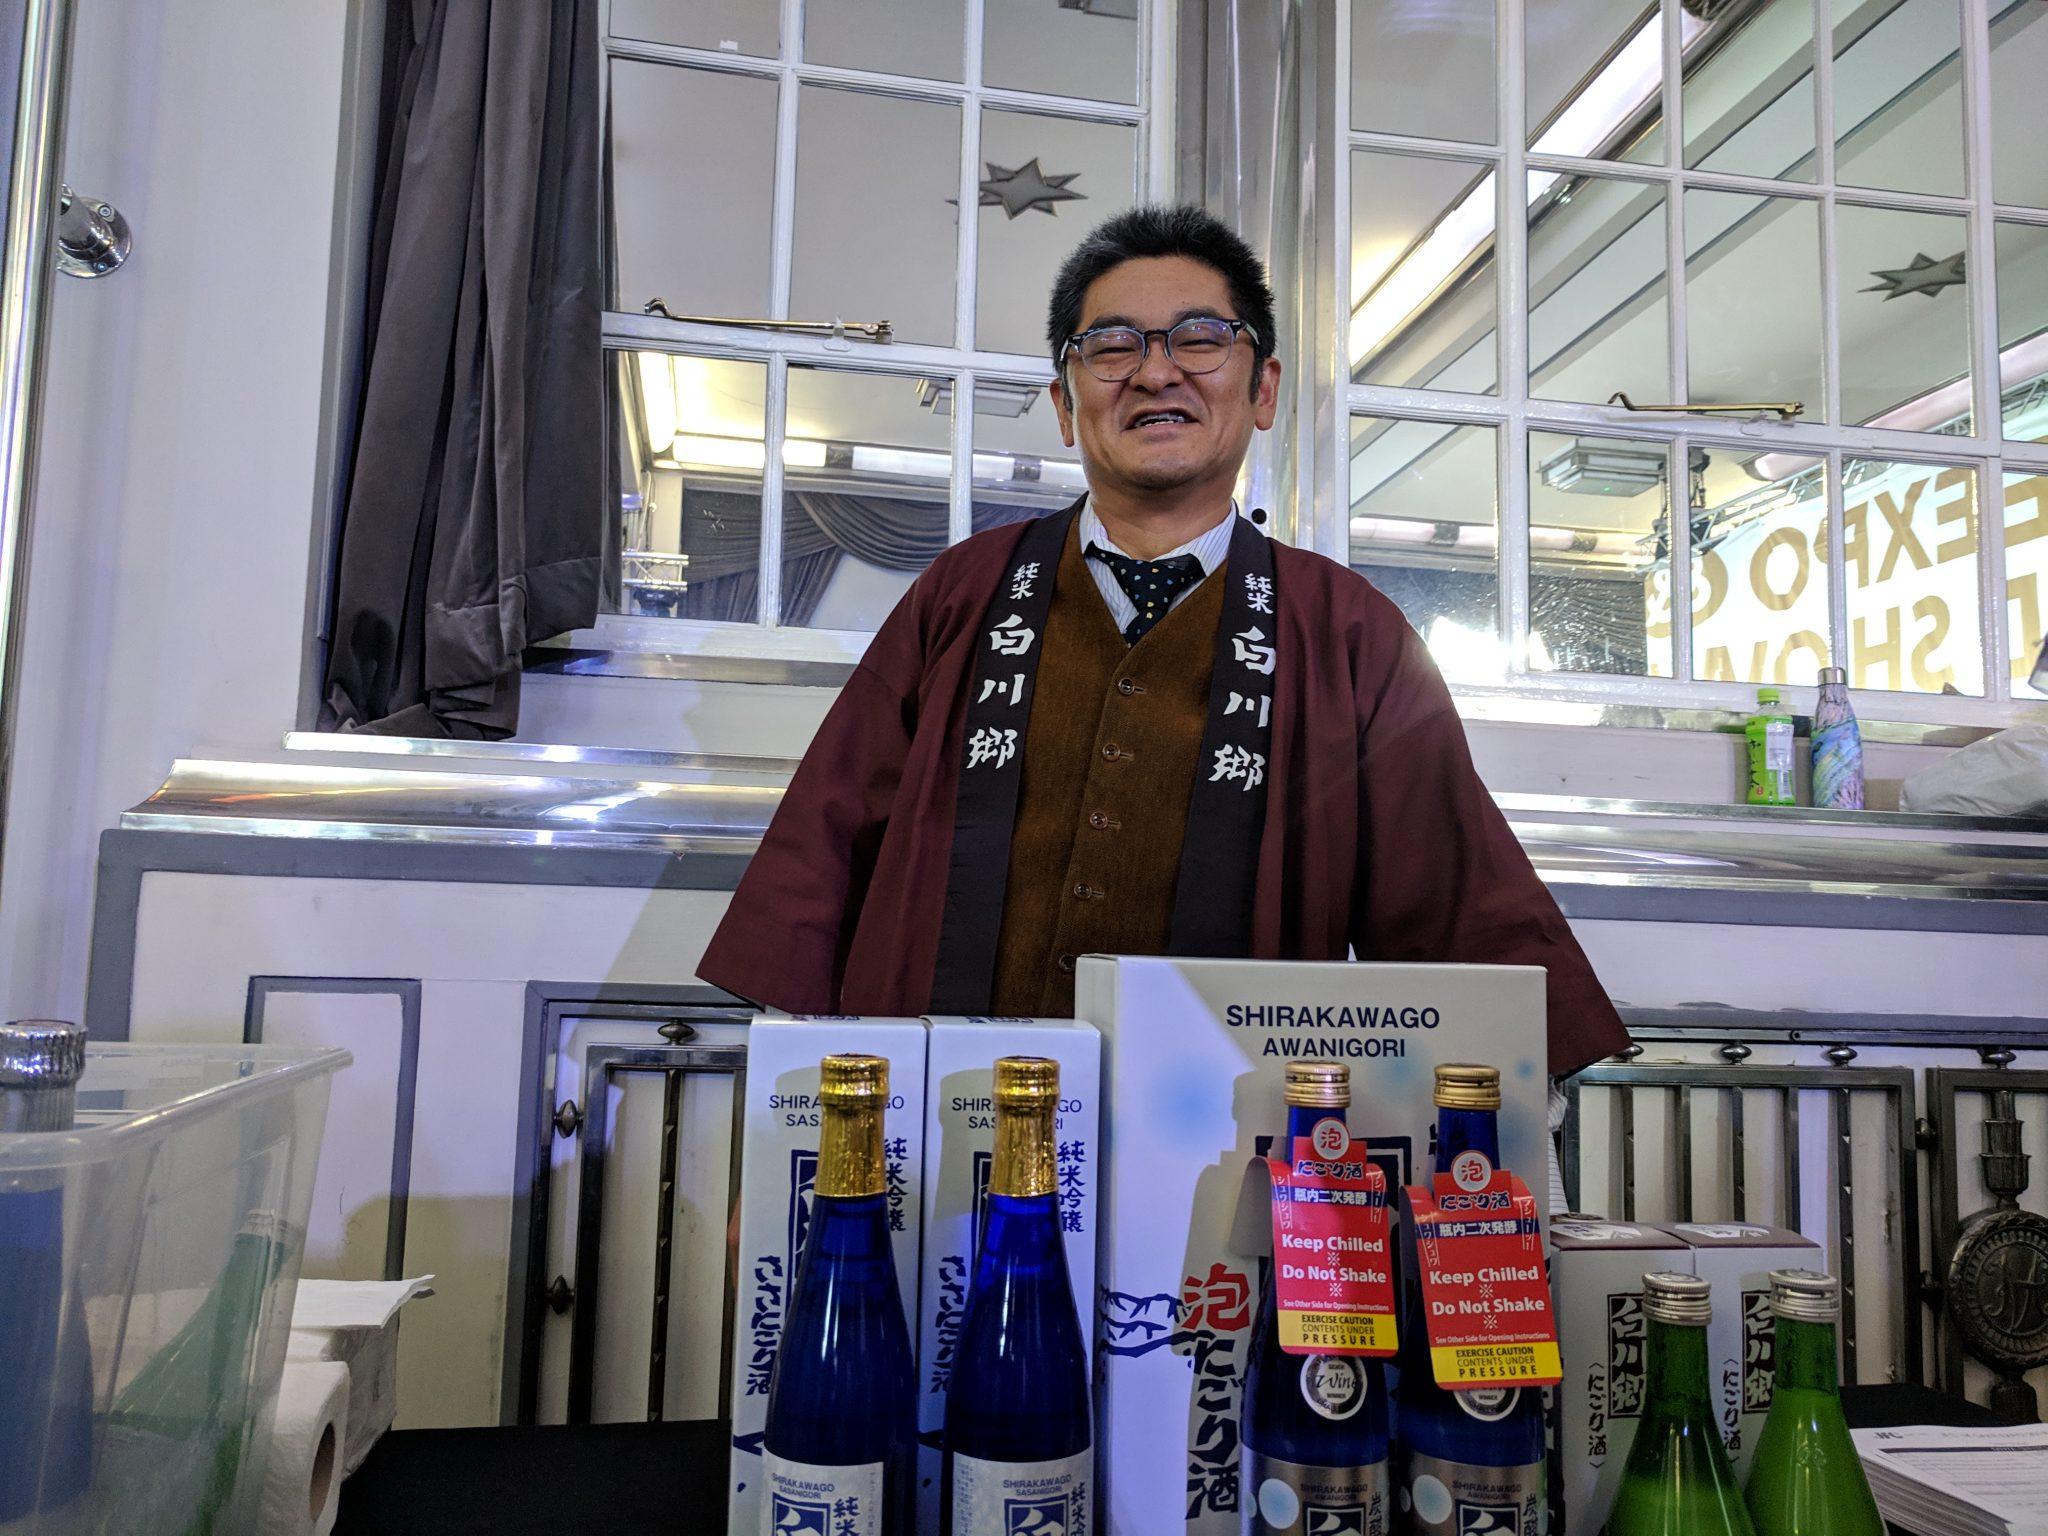 Miwa Sake Brewery